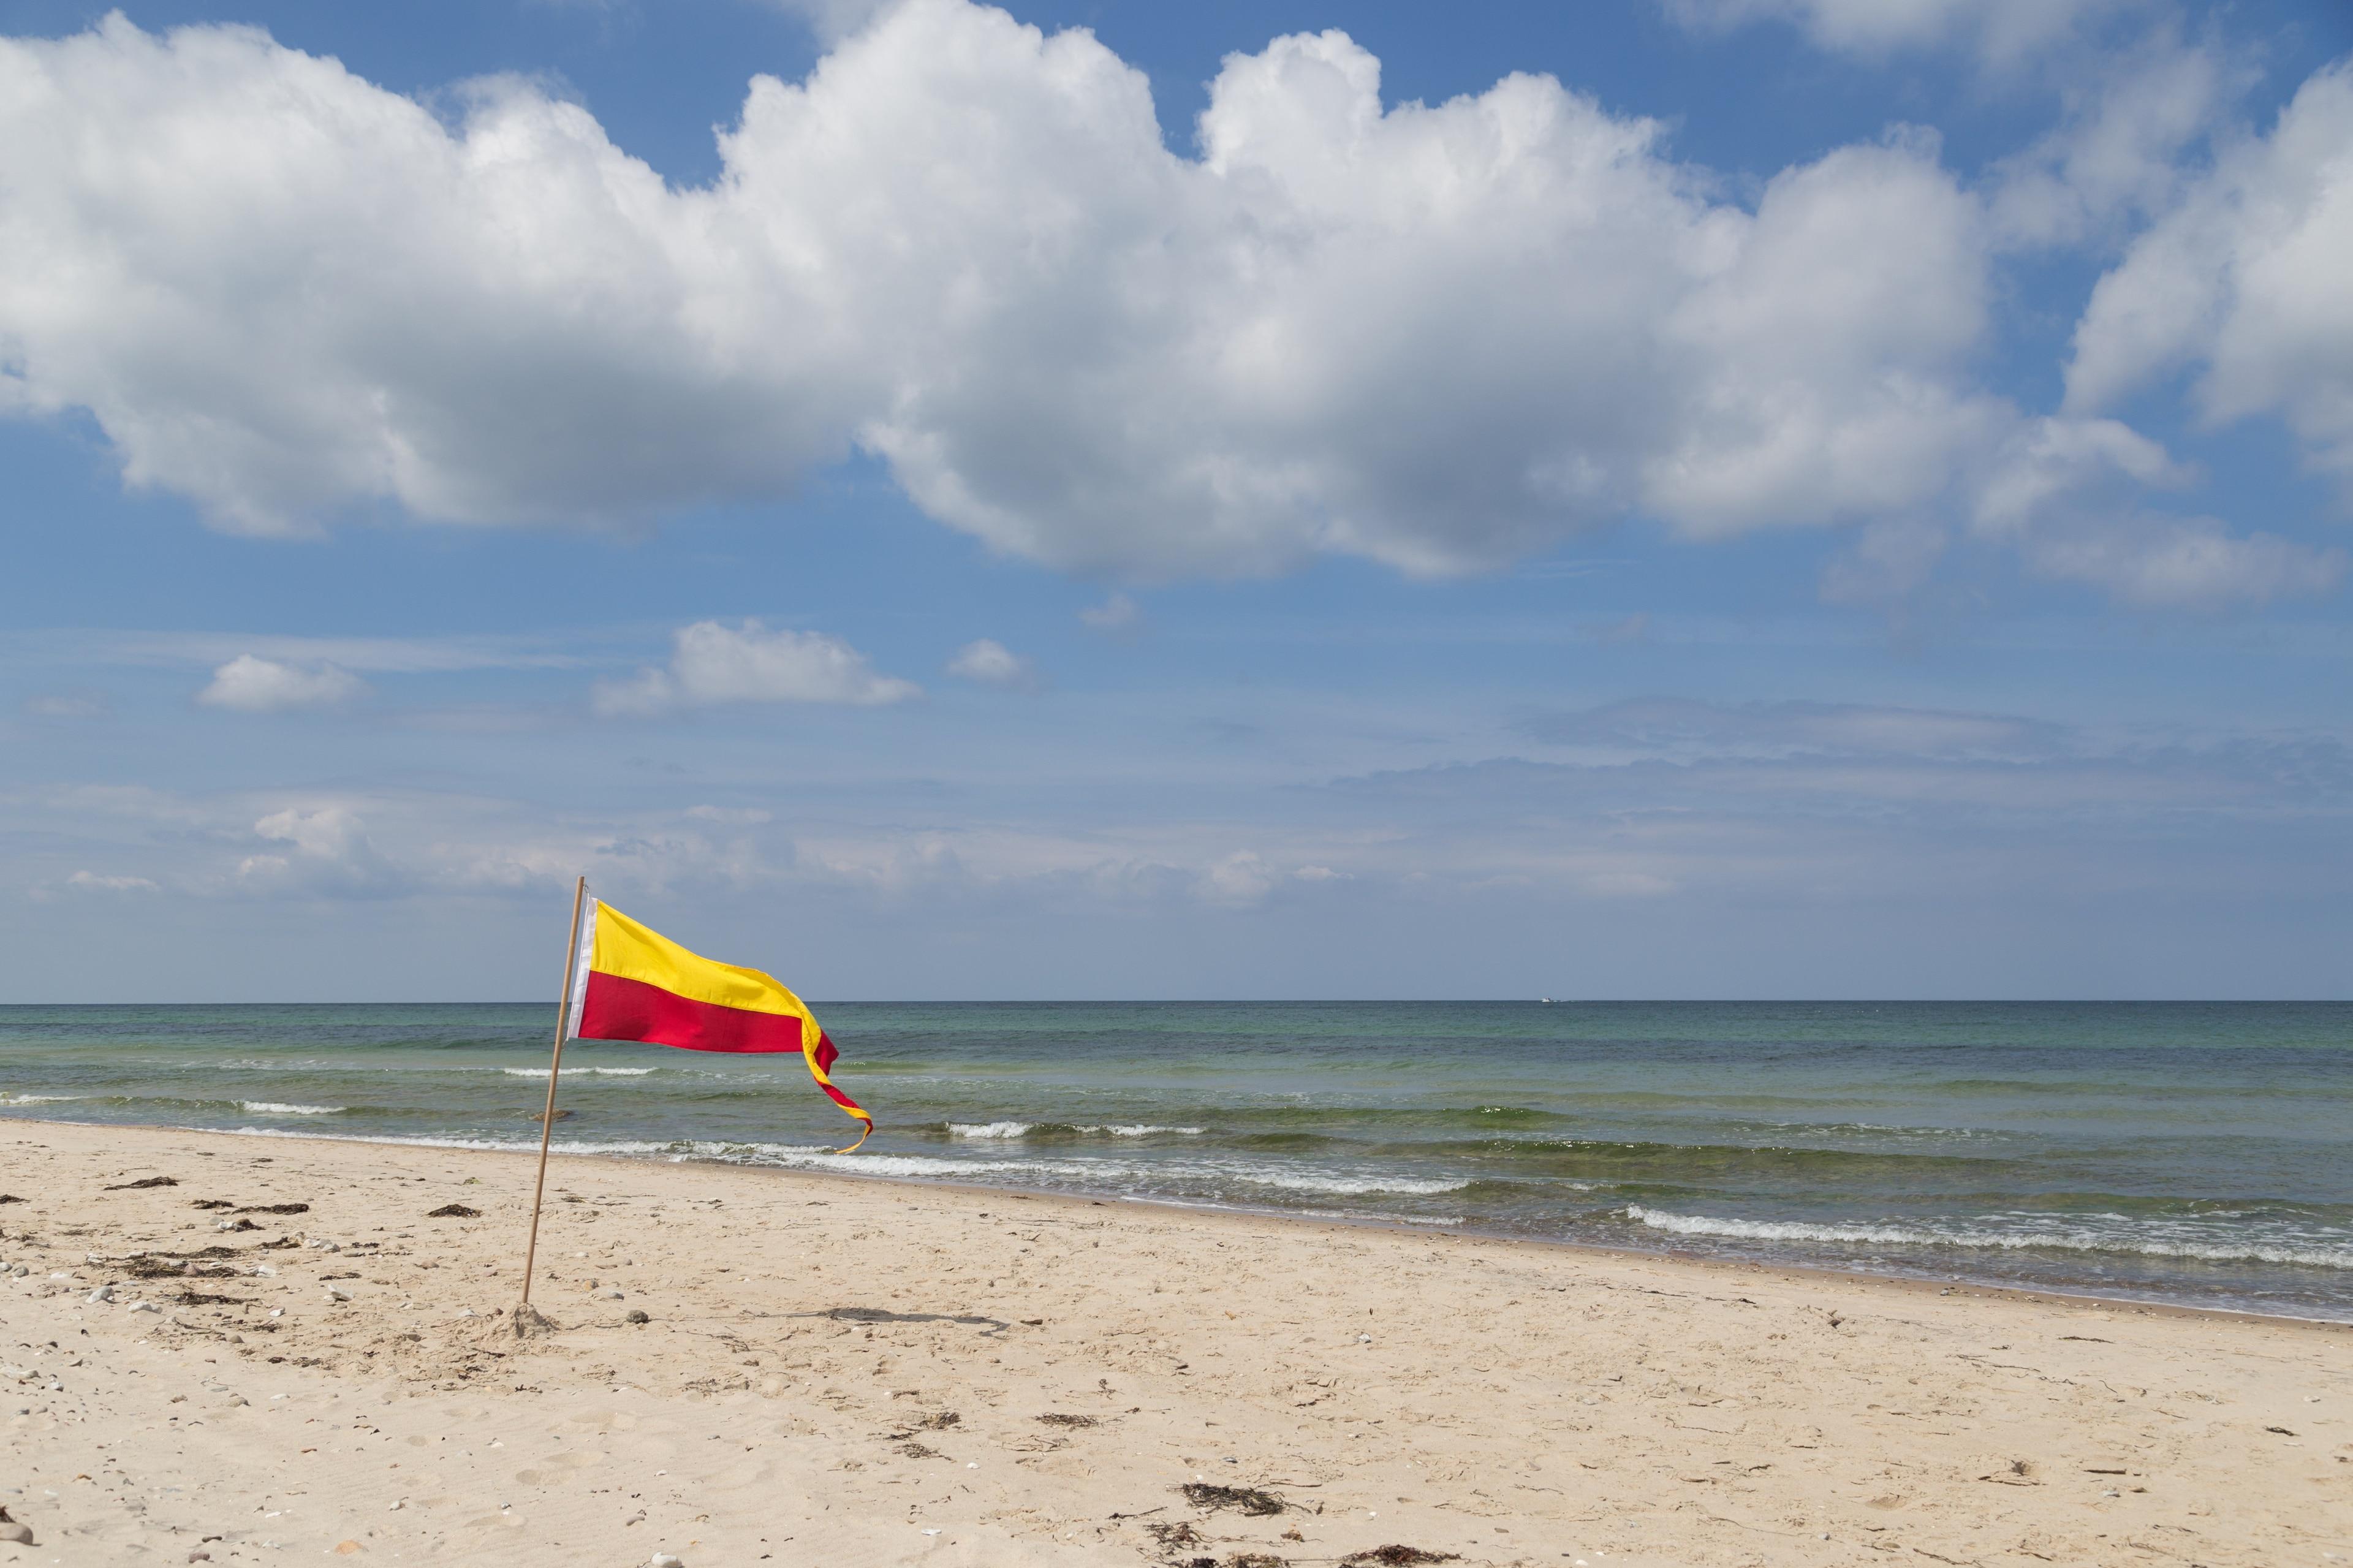 Tisvildeleje Beach, Tisvildeleje, Hovedstaden, Denmark